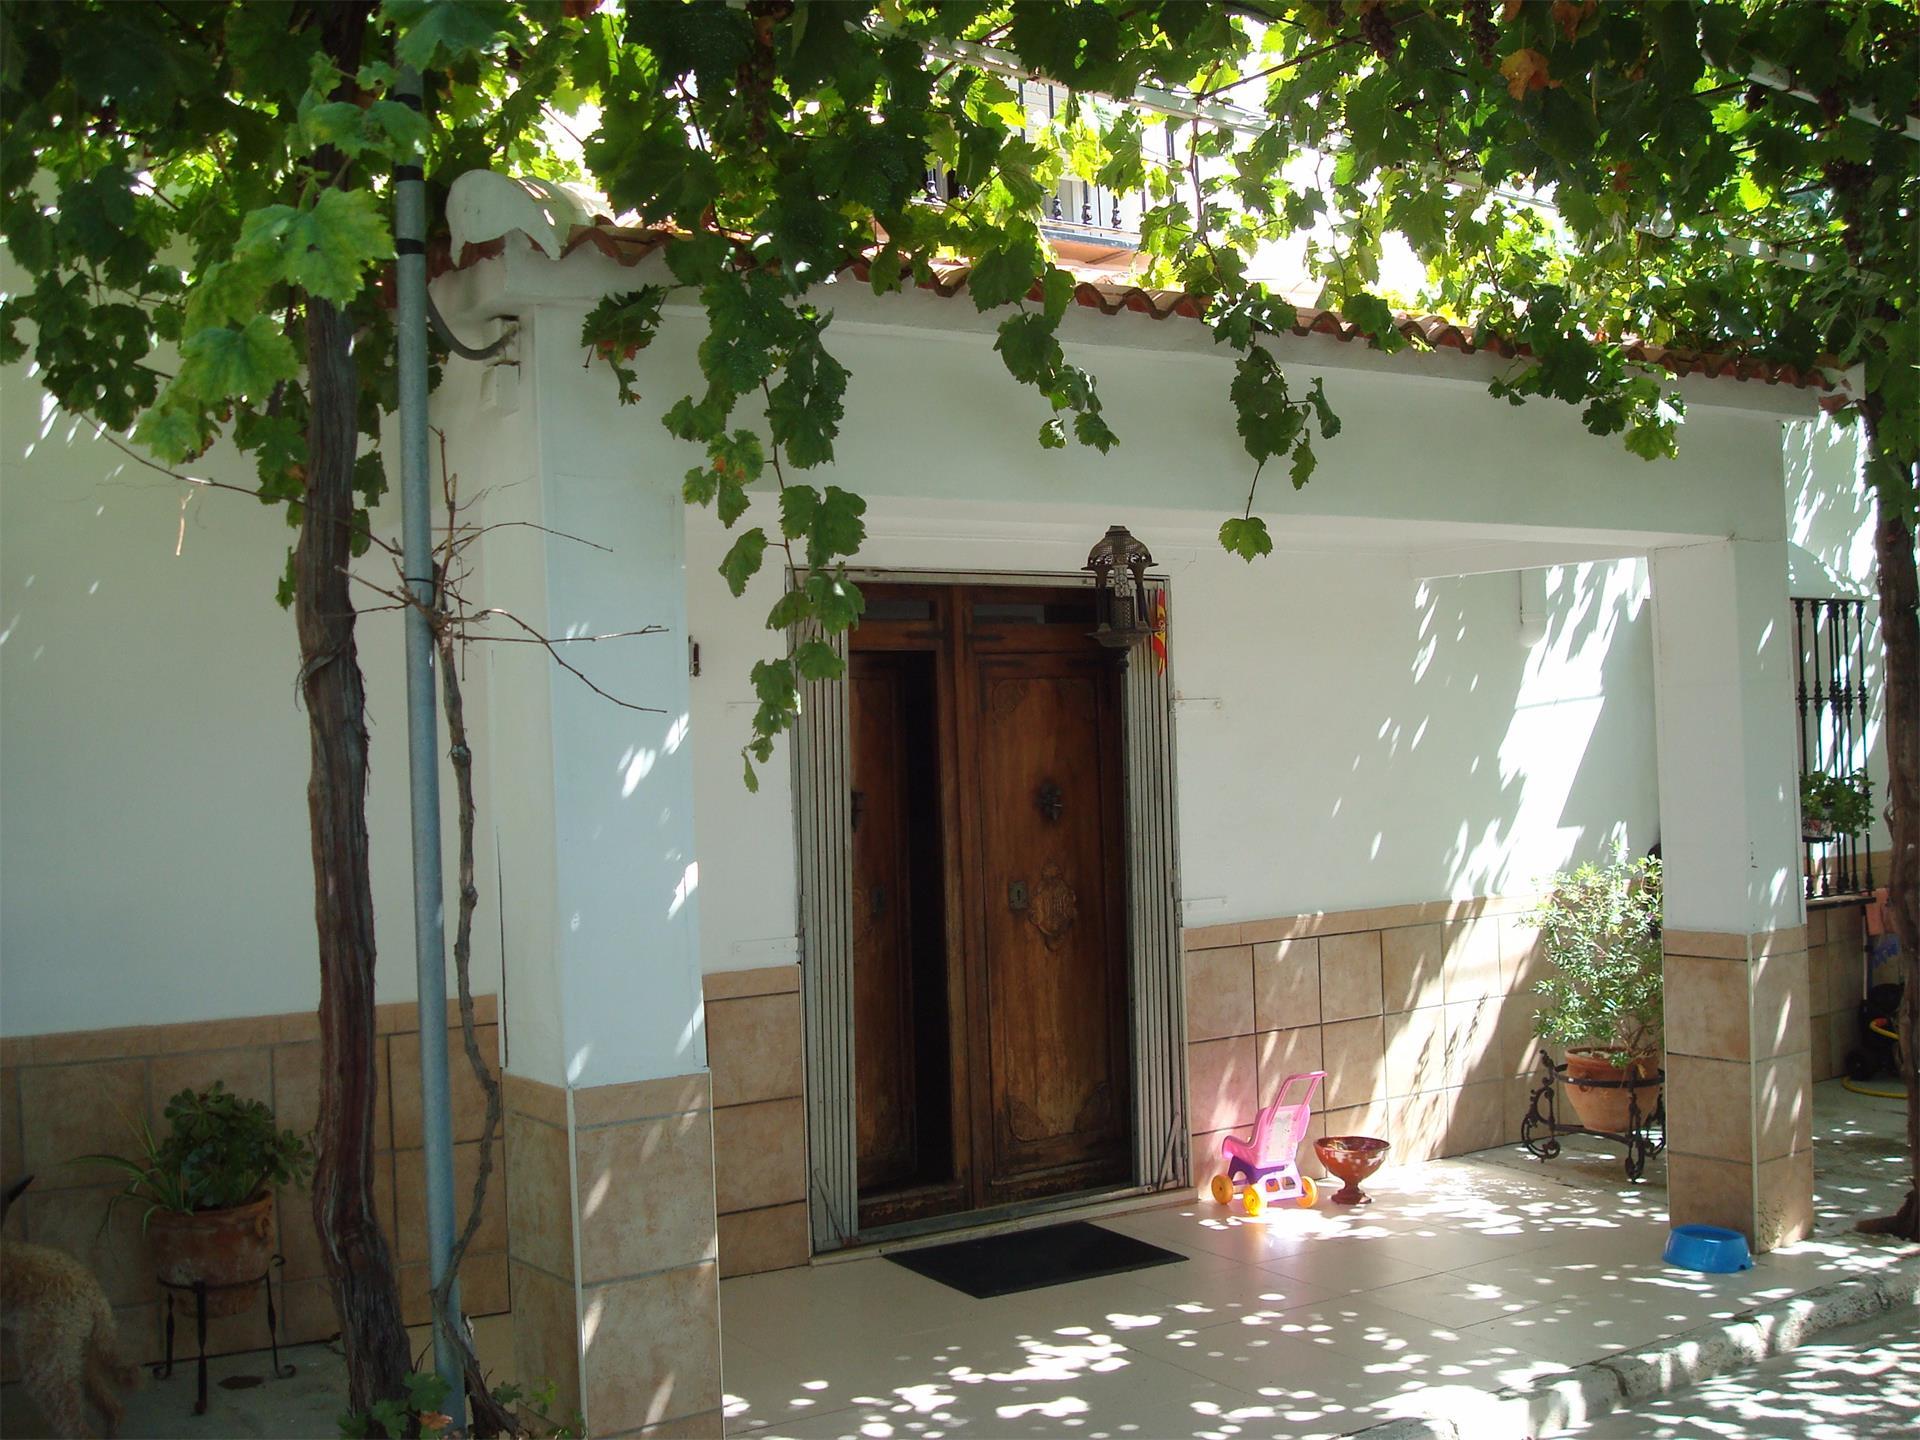 Casa o chalet de alquiler en Calle Salvador Dalí, 5 Alameda (Antequera, Málaga)